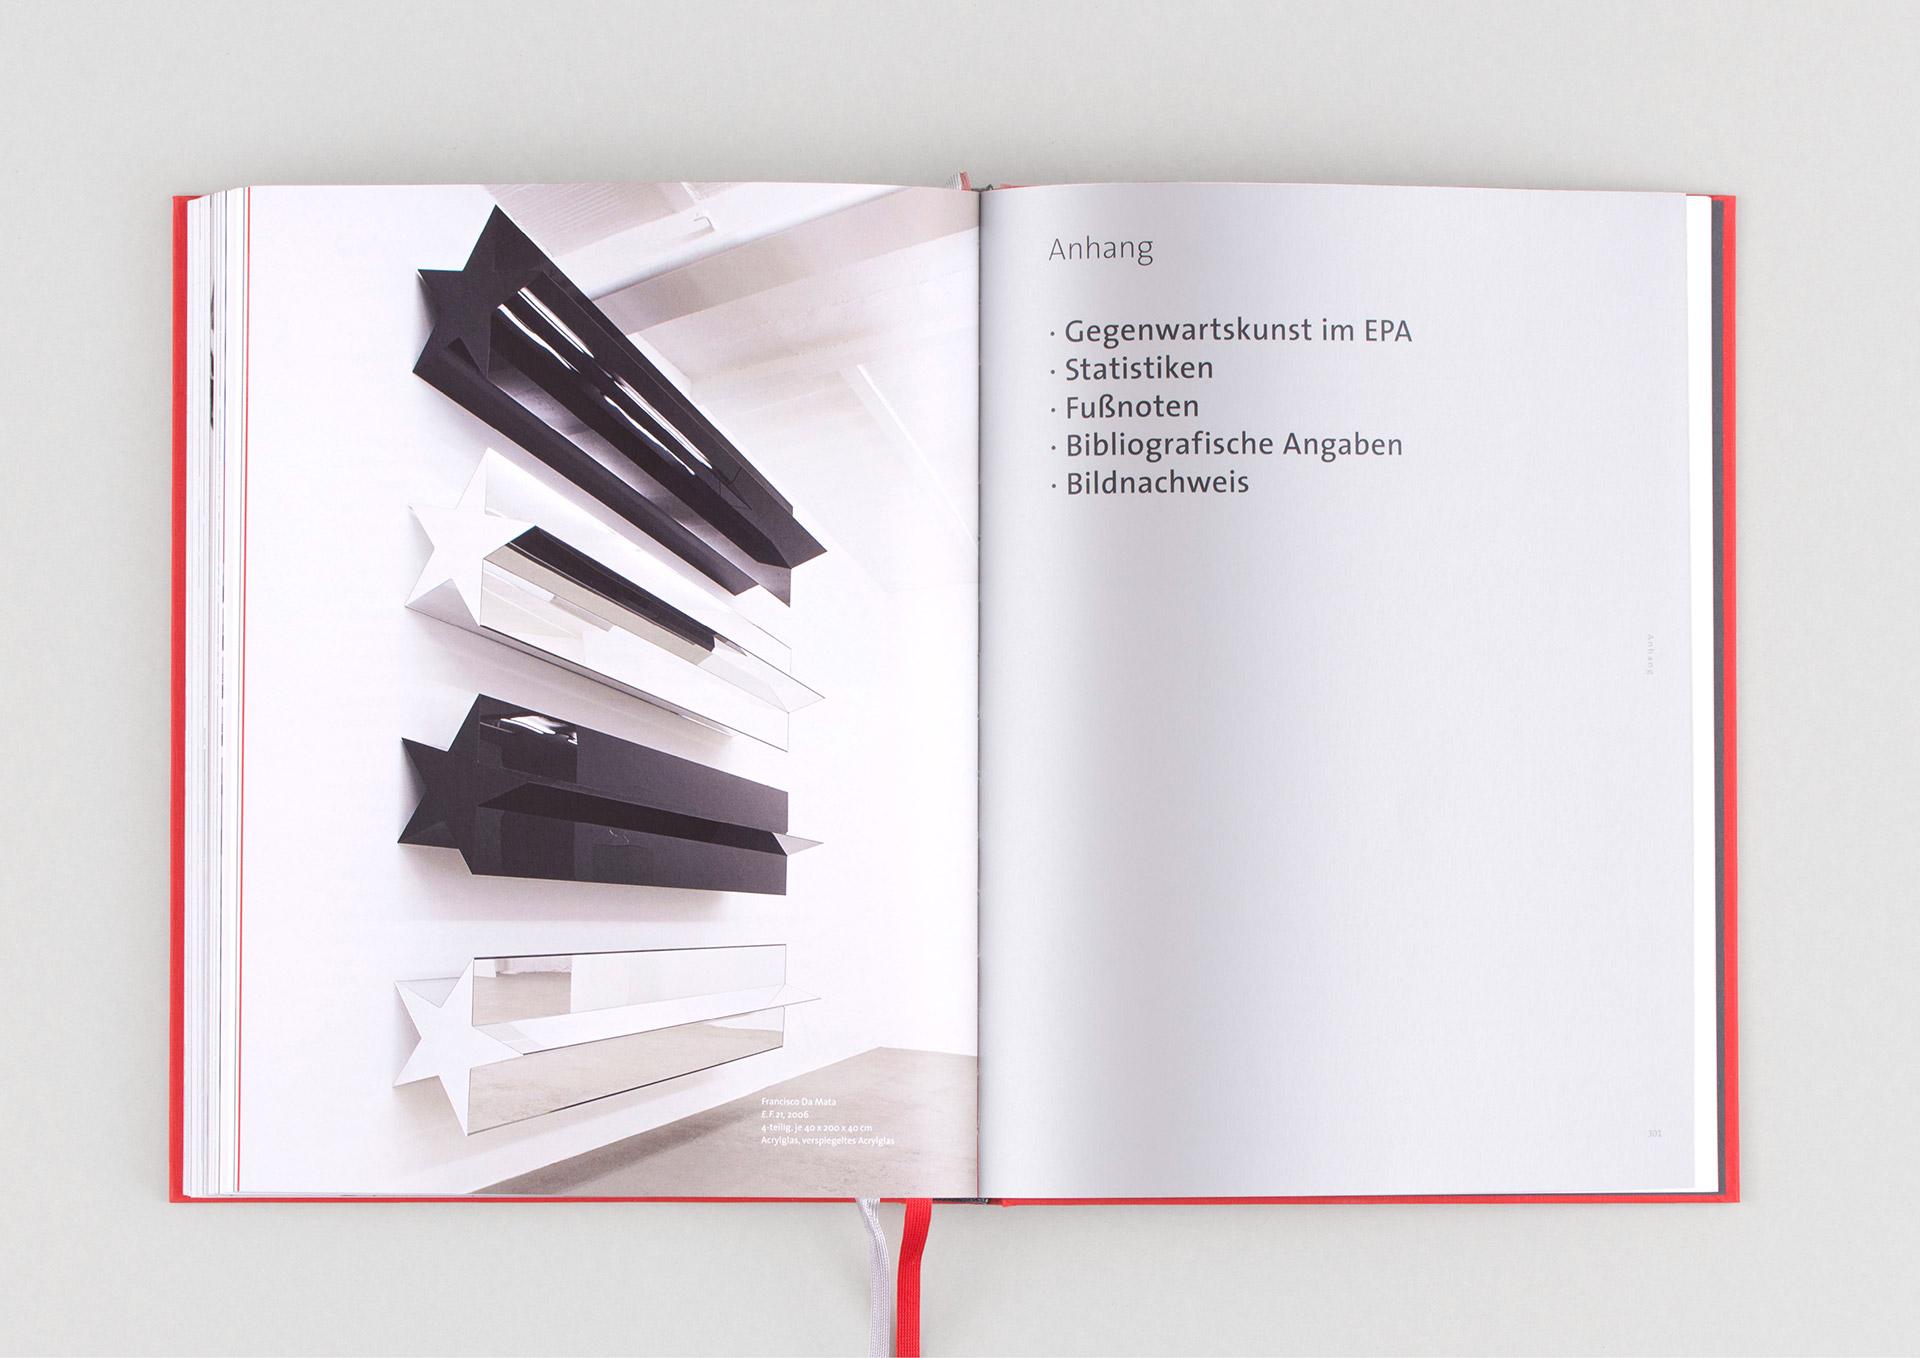 Martin-Steiner-Gestaltung151_b